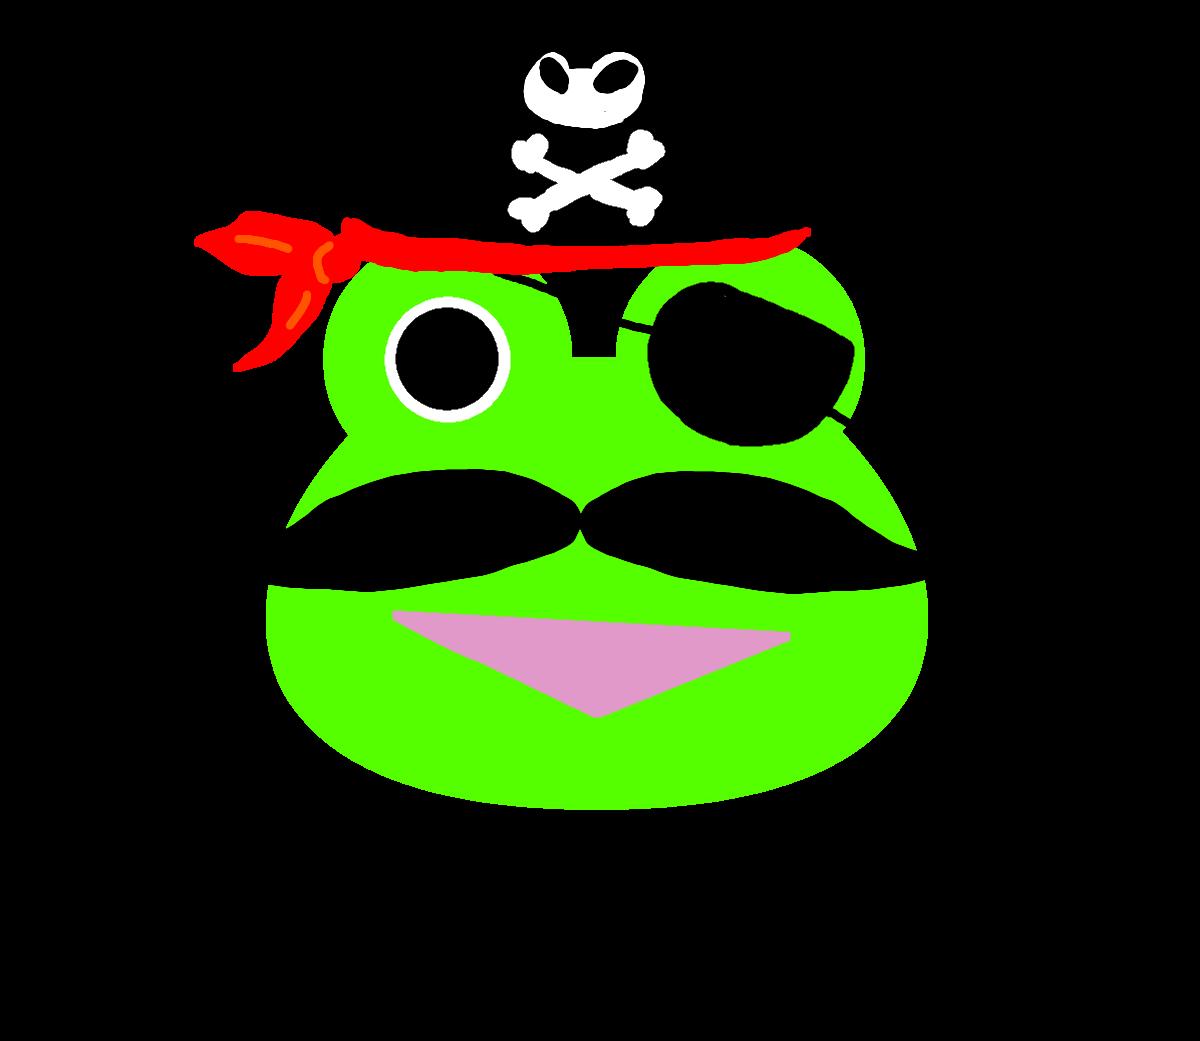 【カエルのイラスト】カエルの海賊船長